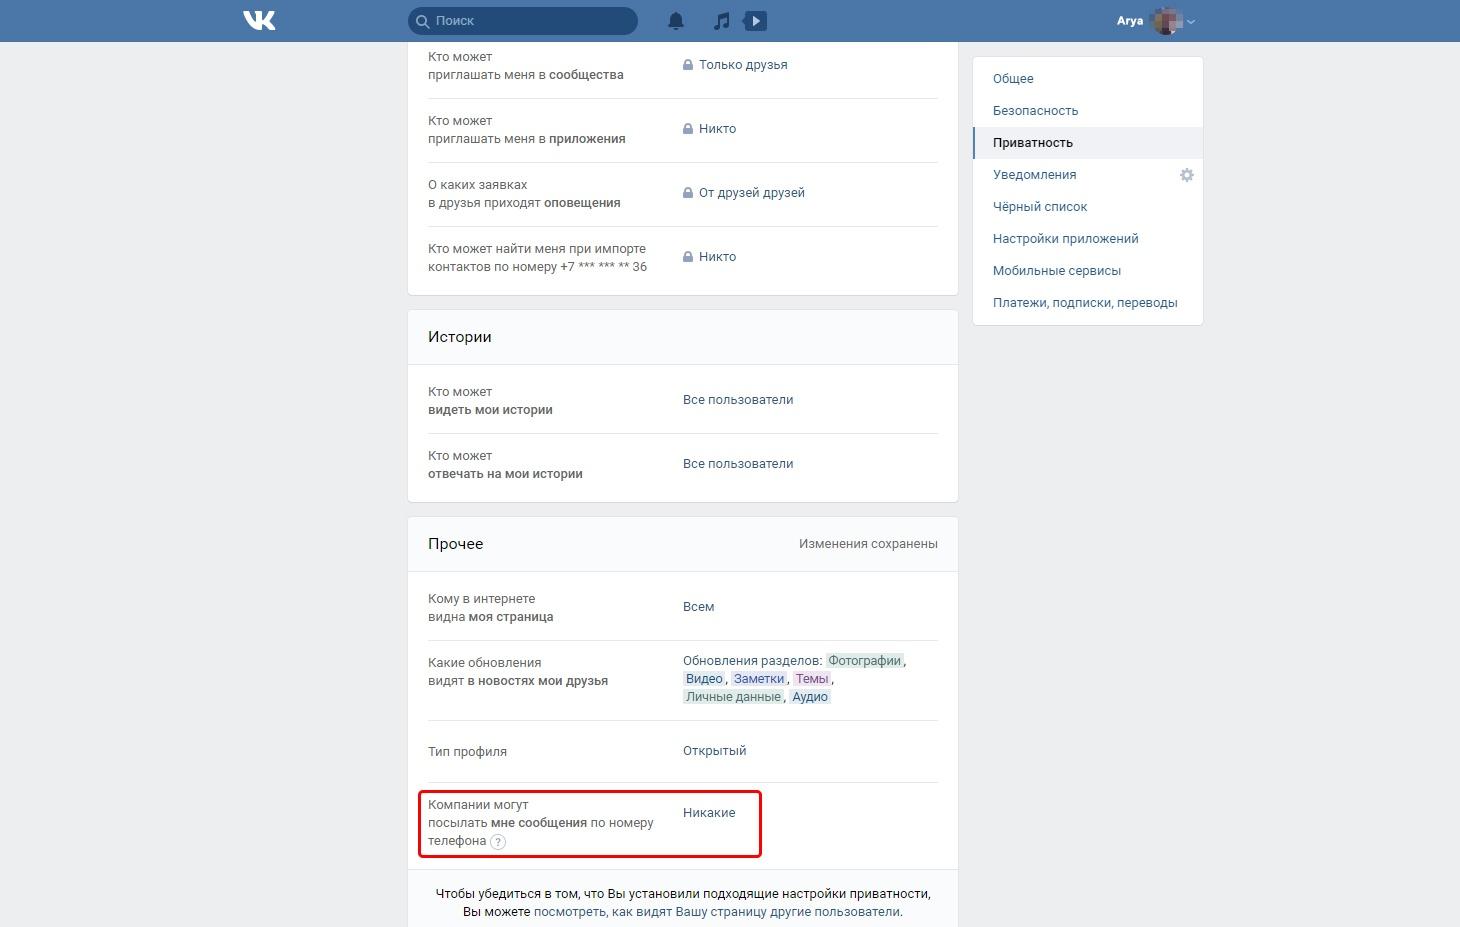 Настройки ВКонтакте: компании могут посылать мне сообщения по номеру телефона